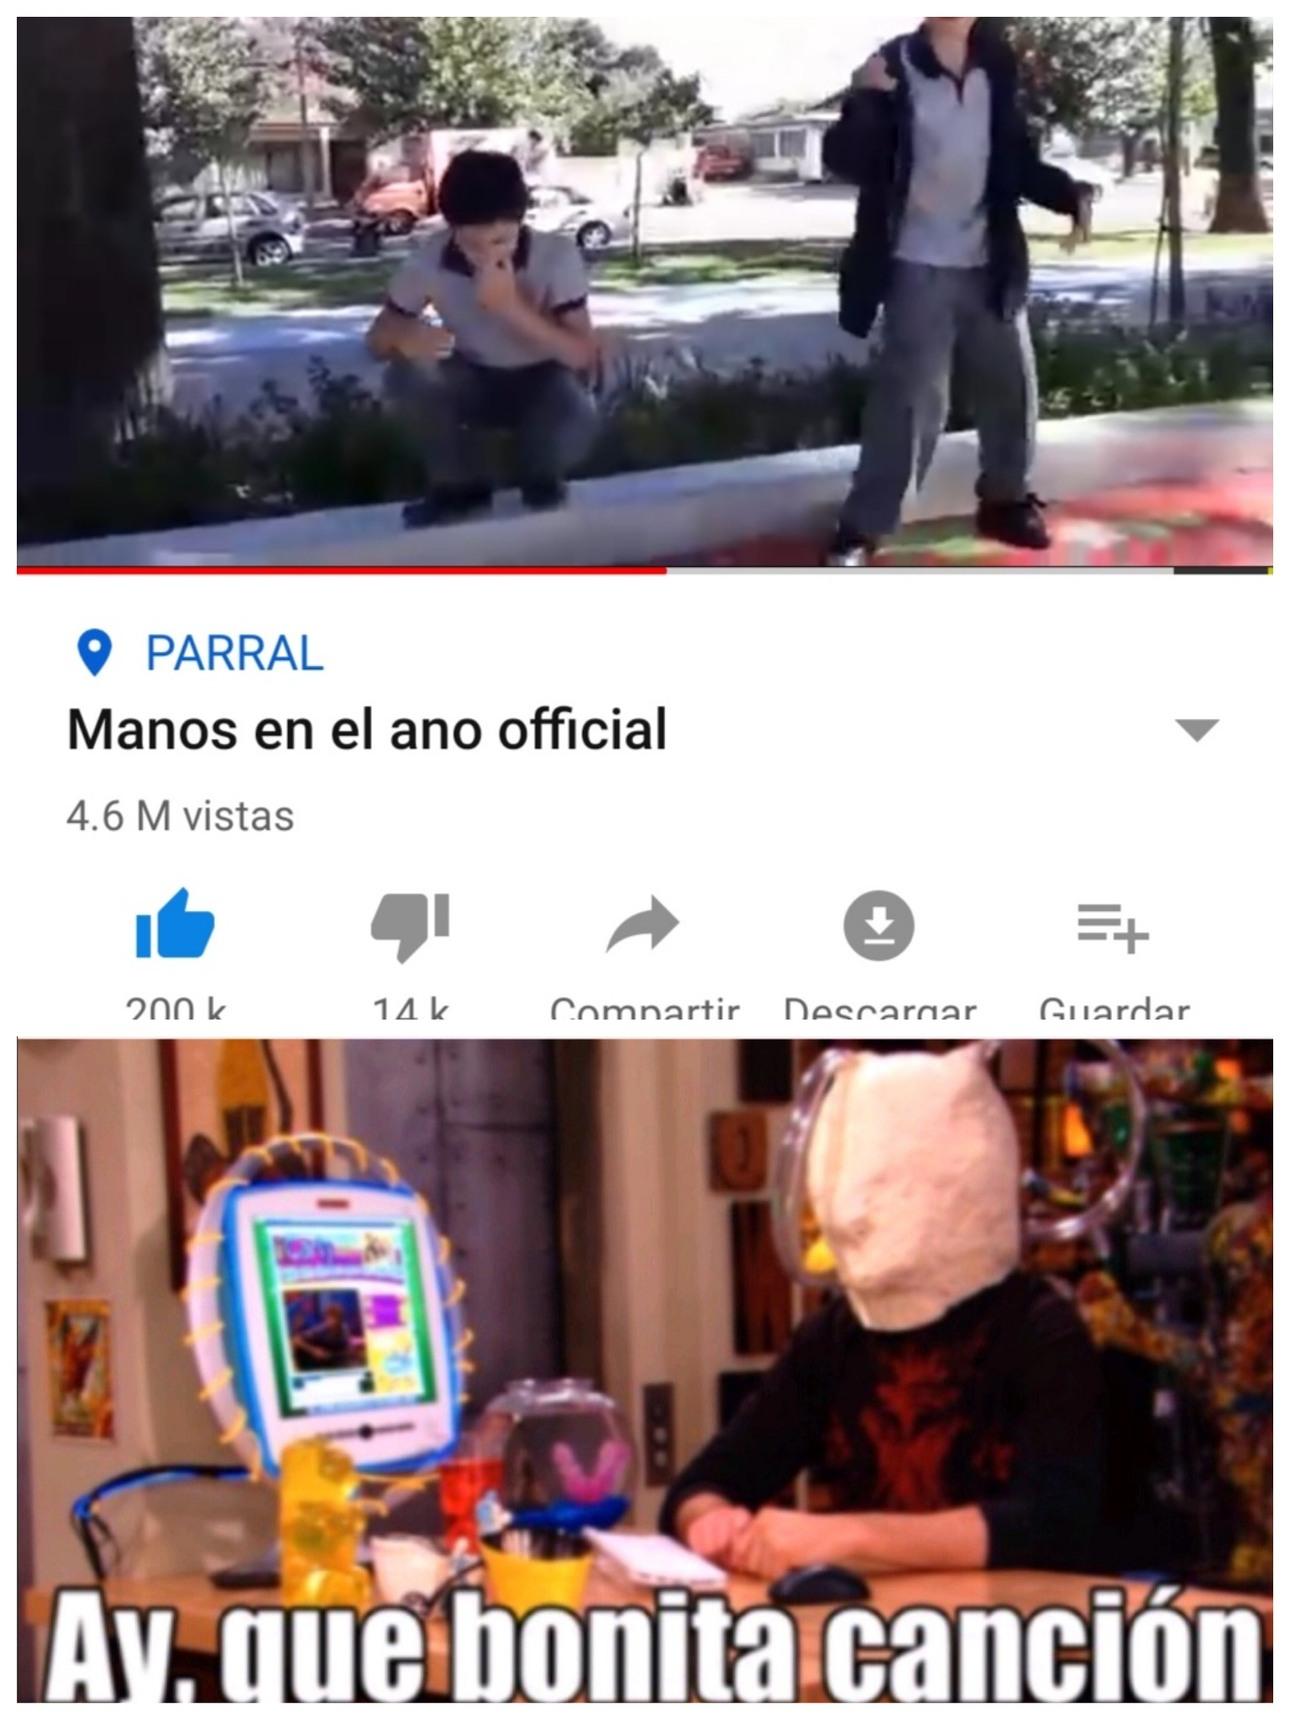 MANOS EN EL ANO - meme